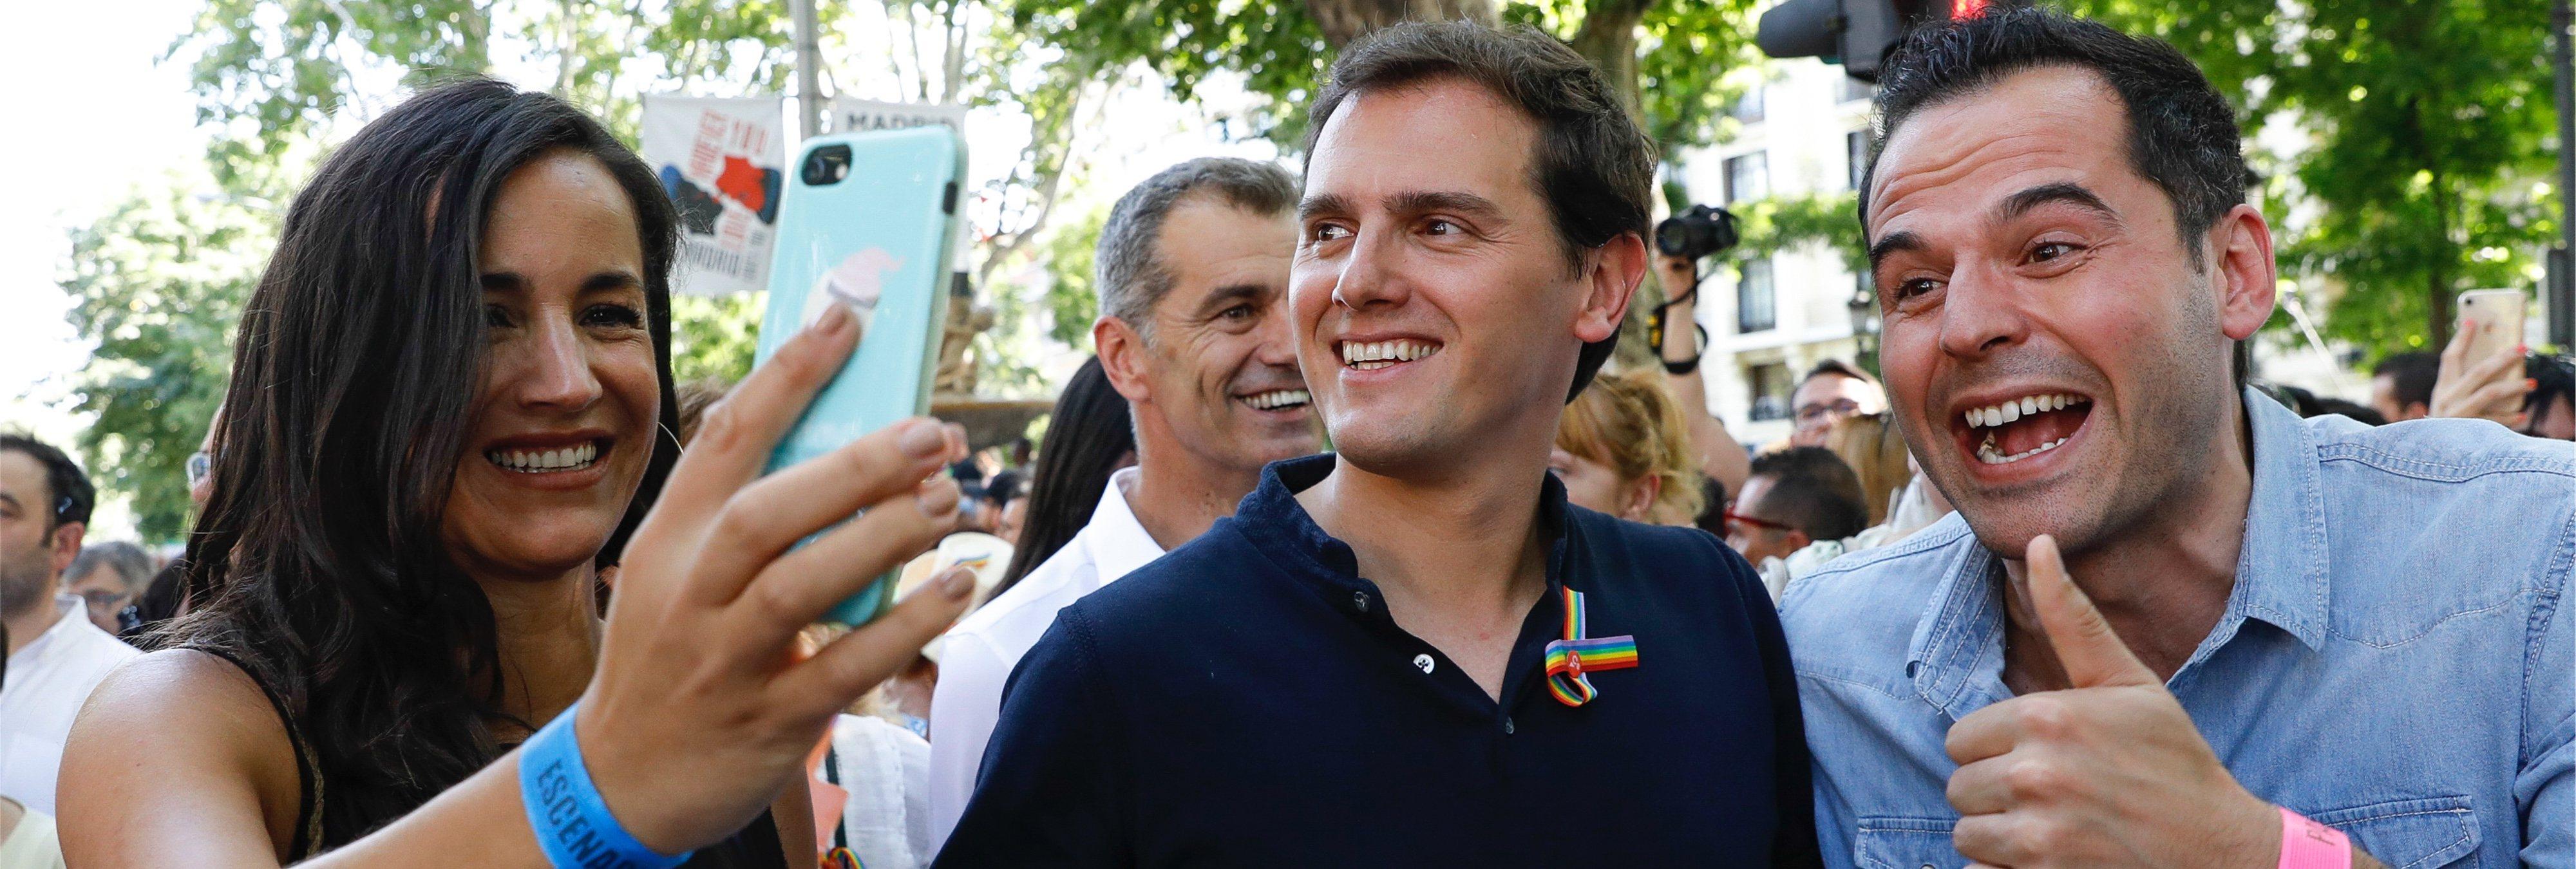 Ciudadanos rechaza participar en la cabecera del Orgullo LGTBI de Madrid de 2019